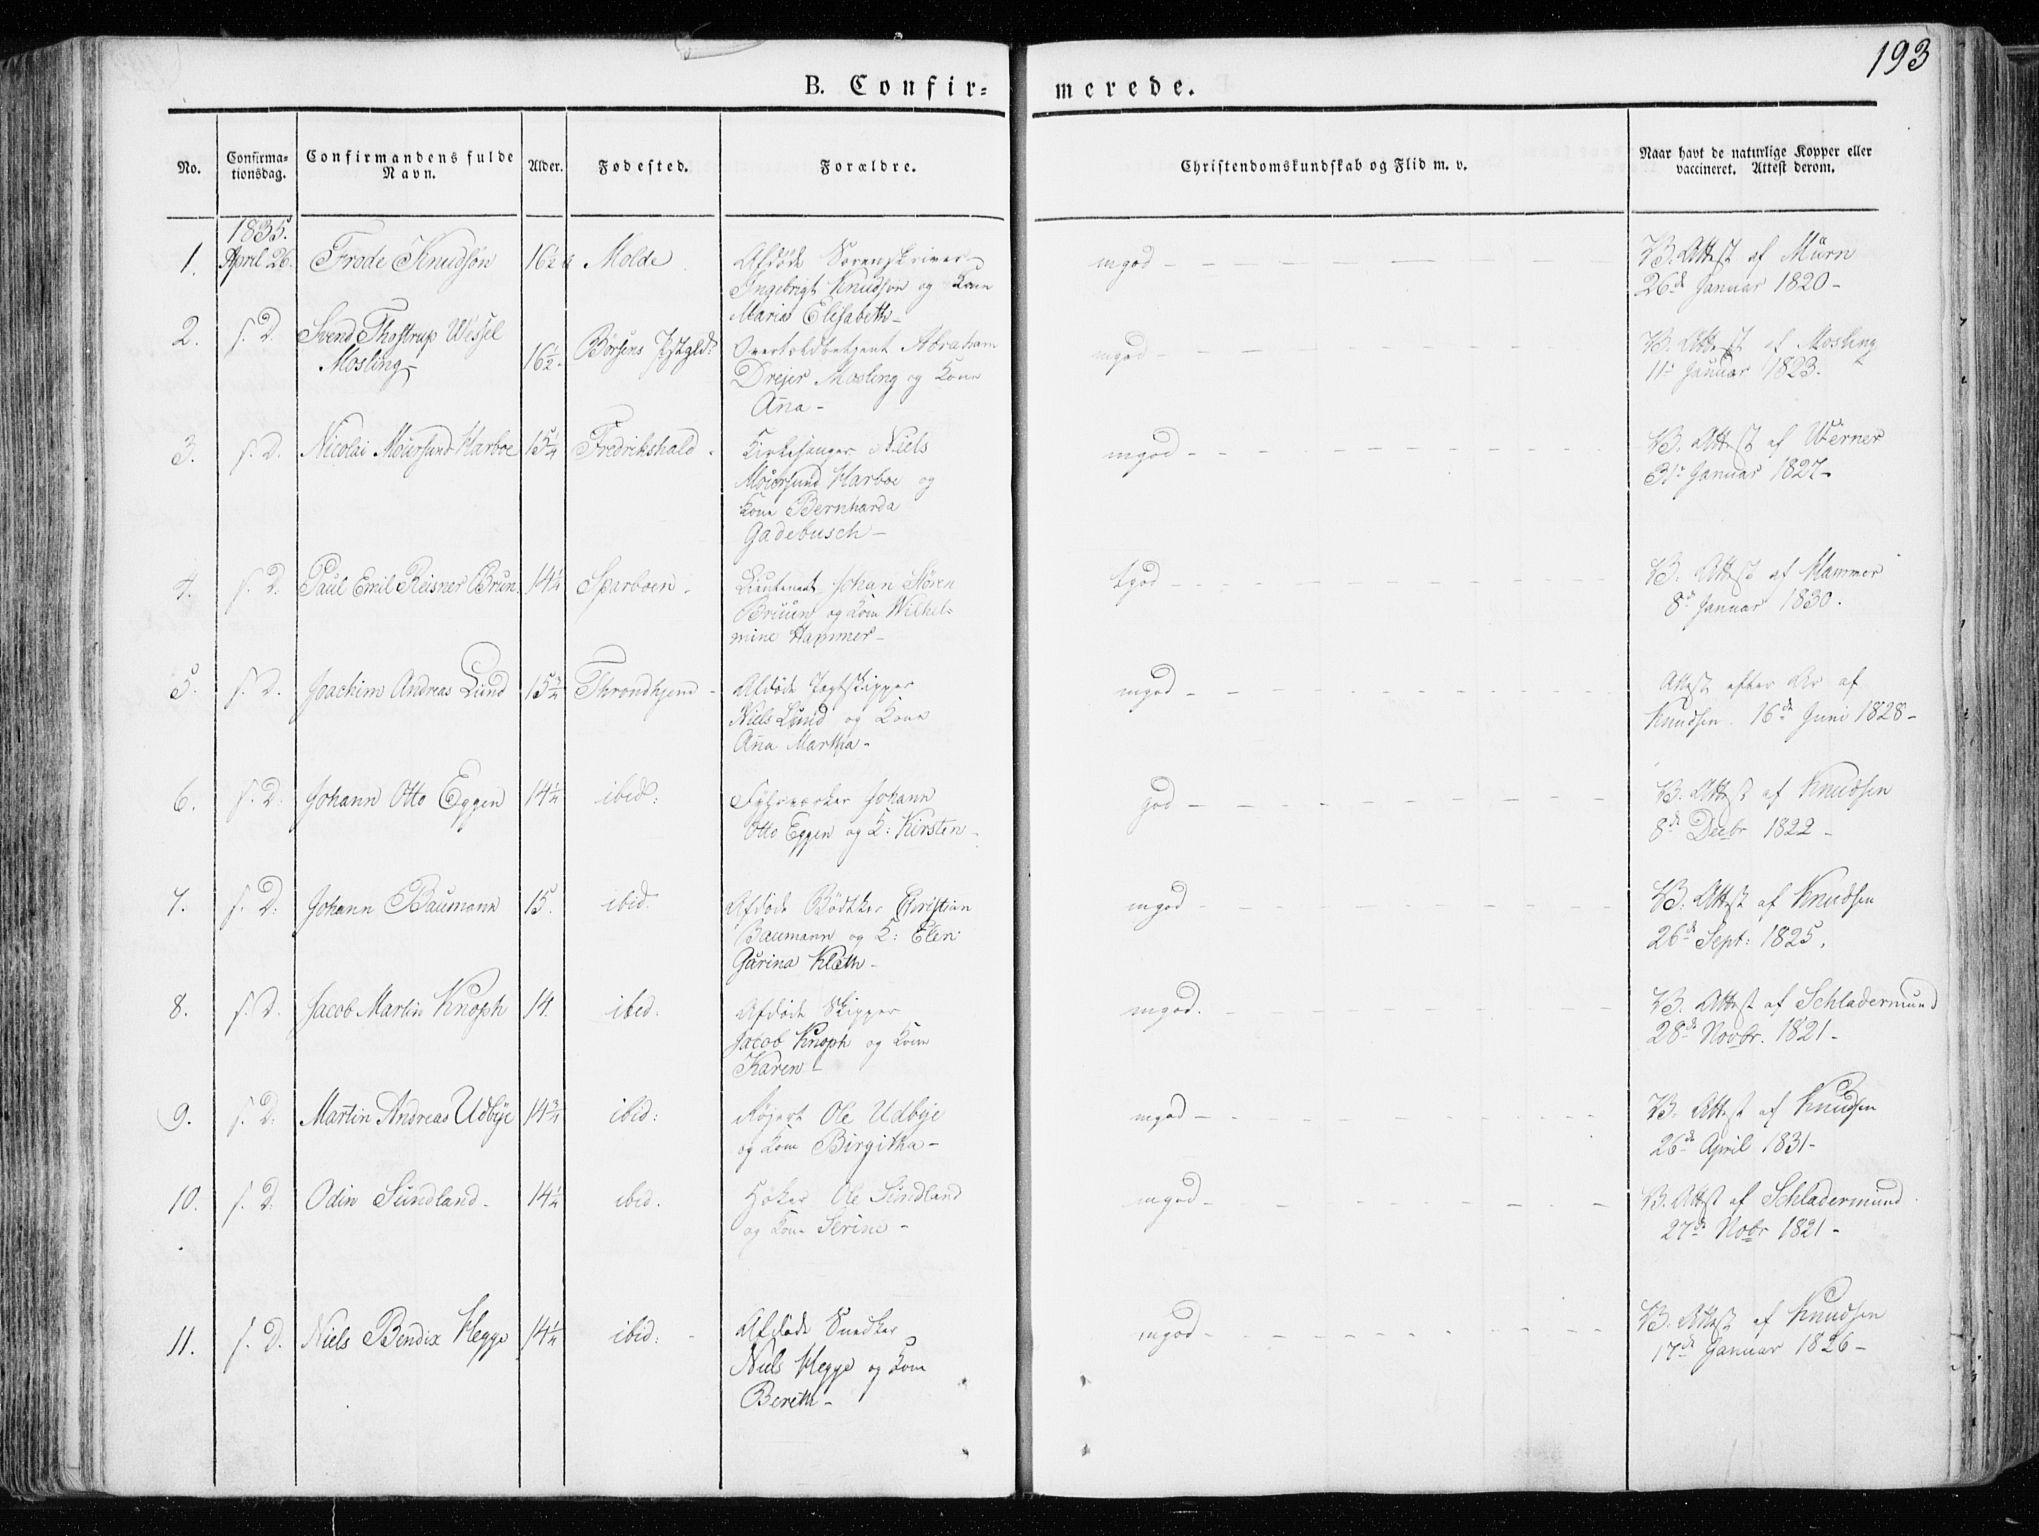 SAT, Ministerialprotokoller, klokkerbøker og fødselsregistre - Sør-Trøndelag, 601/L0047: Ministerialbok nr. 601A15, 1831-1839, s. 193